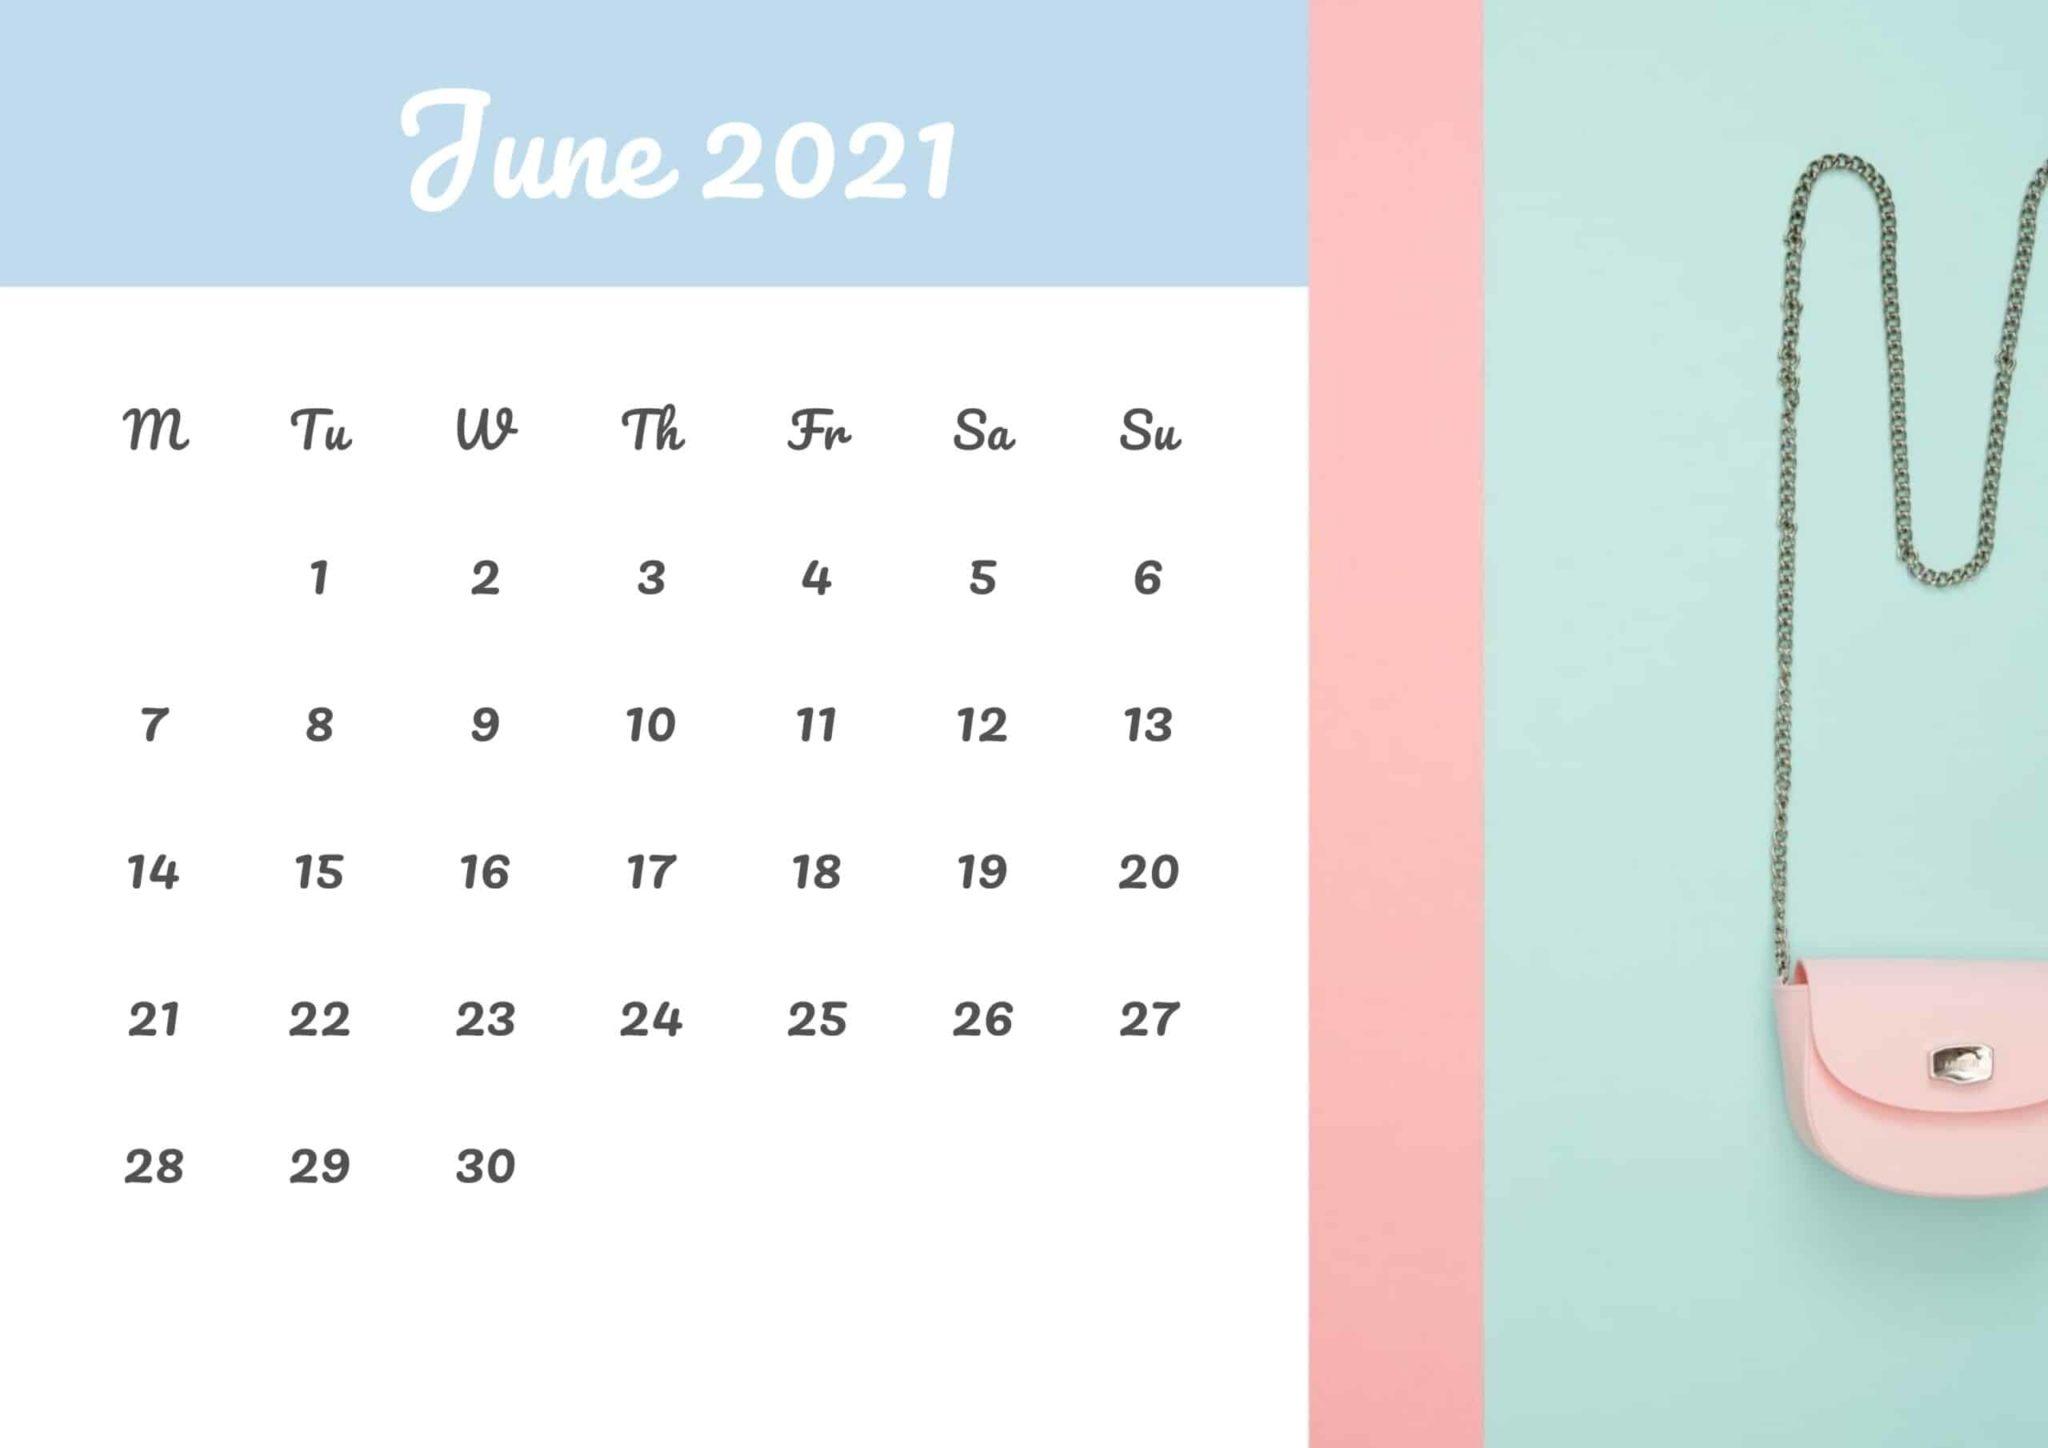 Cute Printable Calendar For June 2021